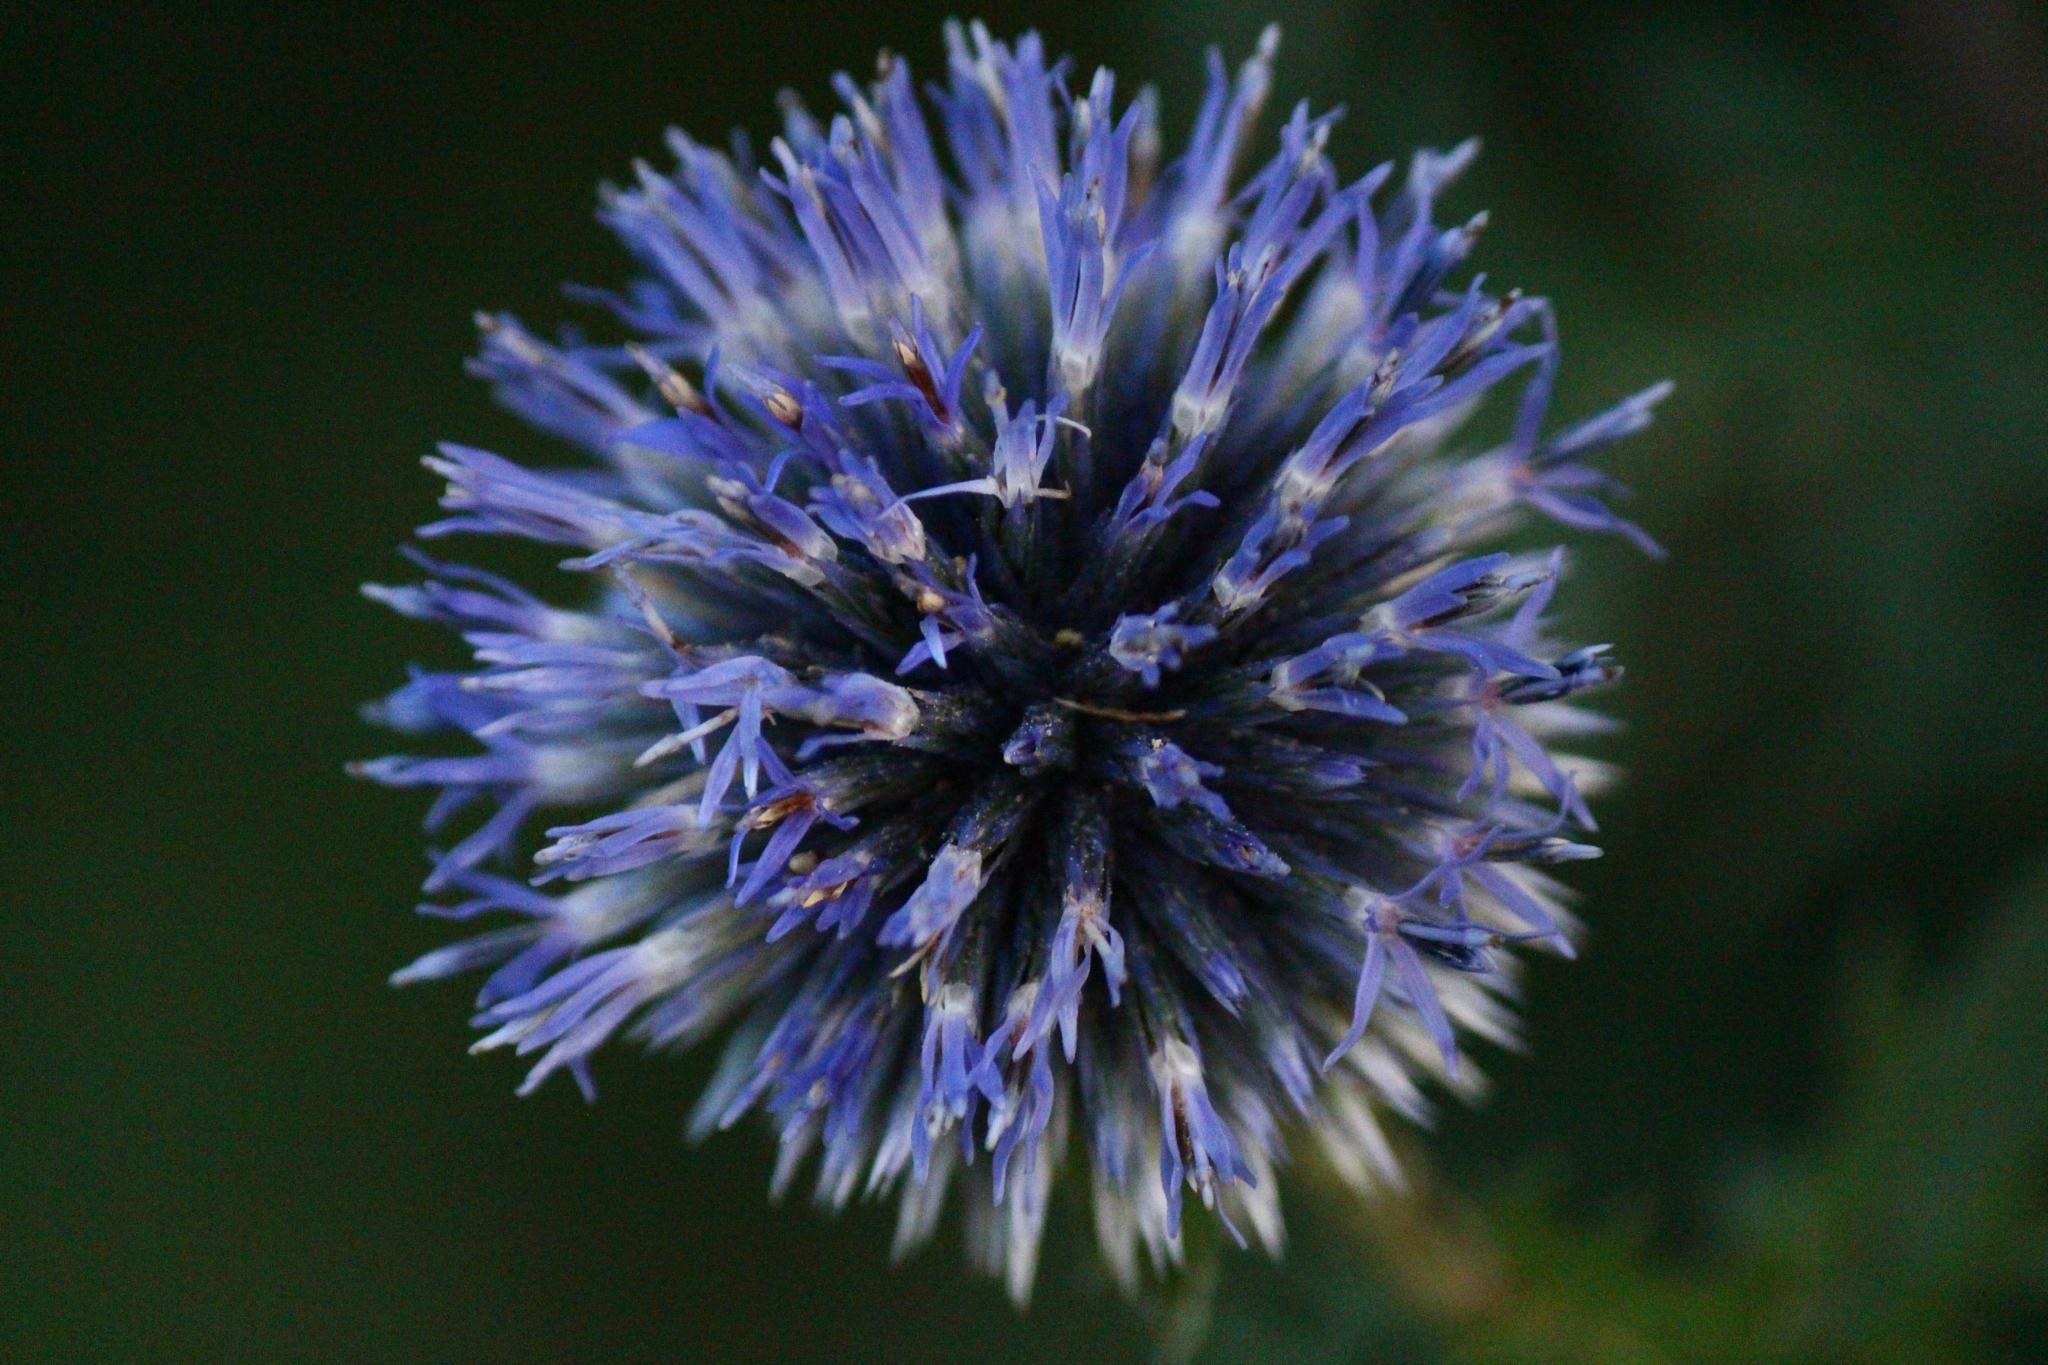 An allium flower head by Clark L. Roberts